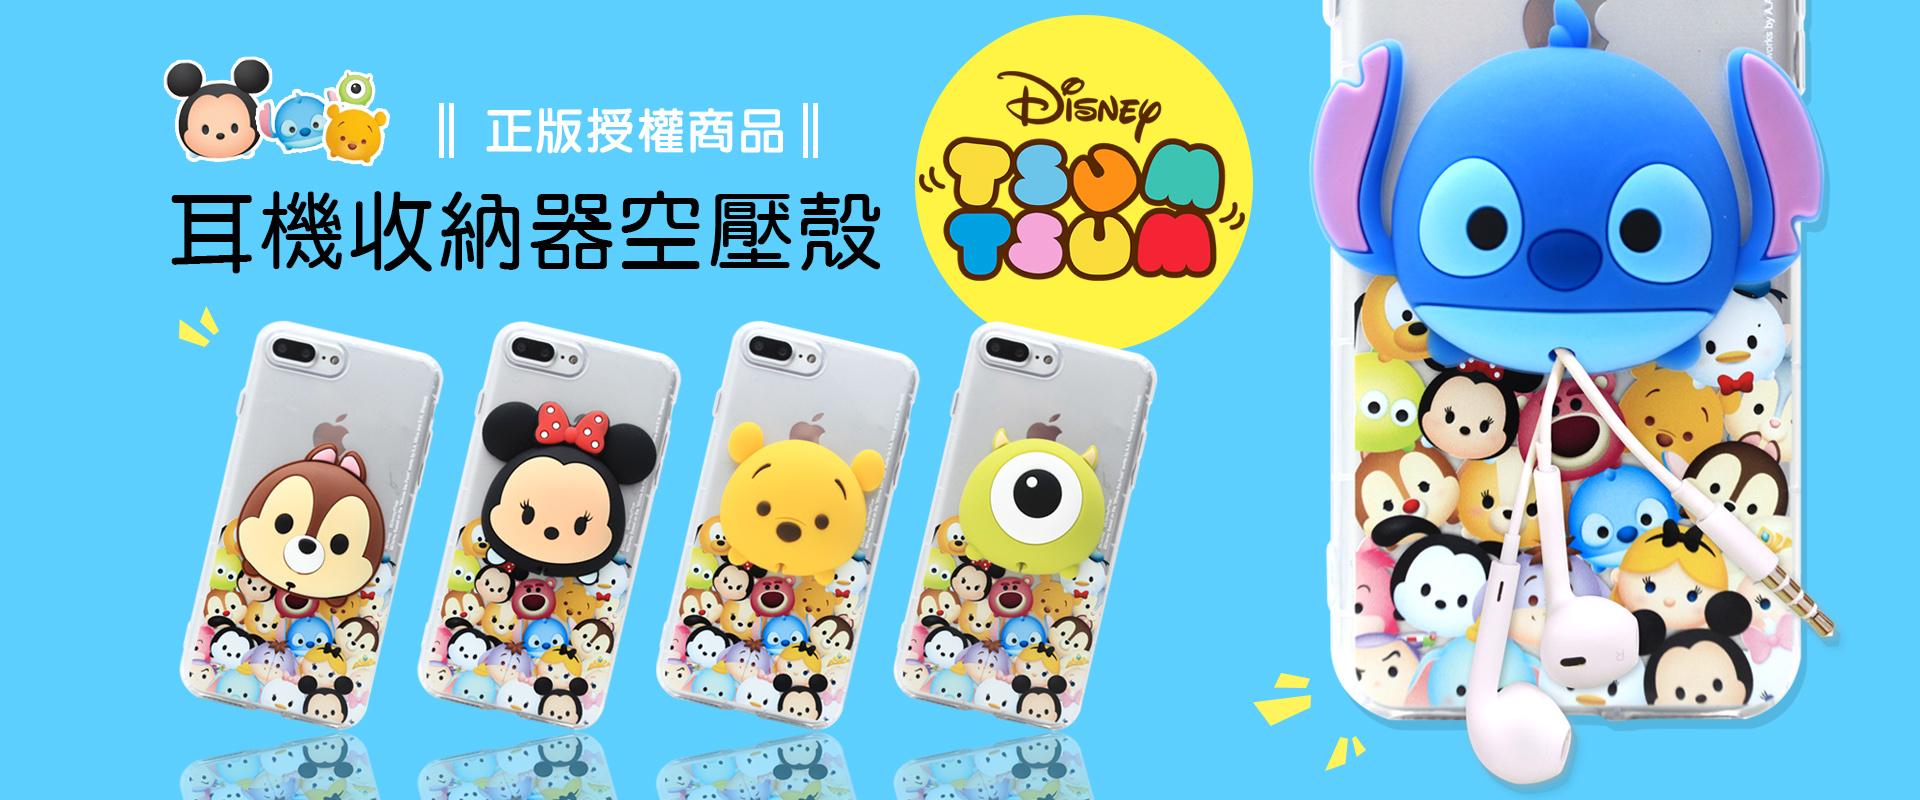 迪士尼手機殼